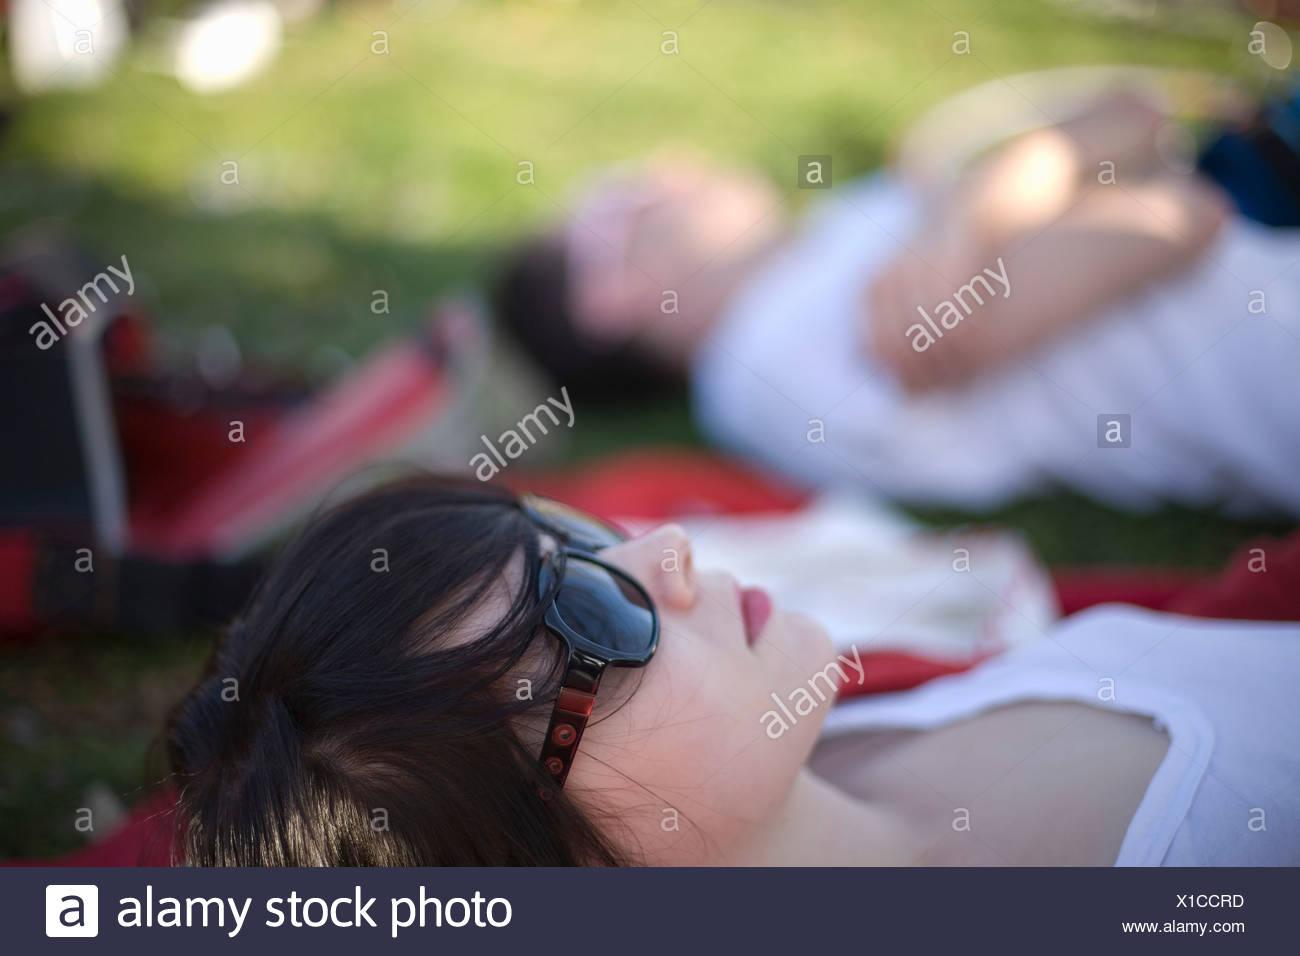 Eine junge Frau in einem Park liegend Stockbild